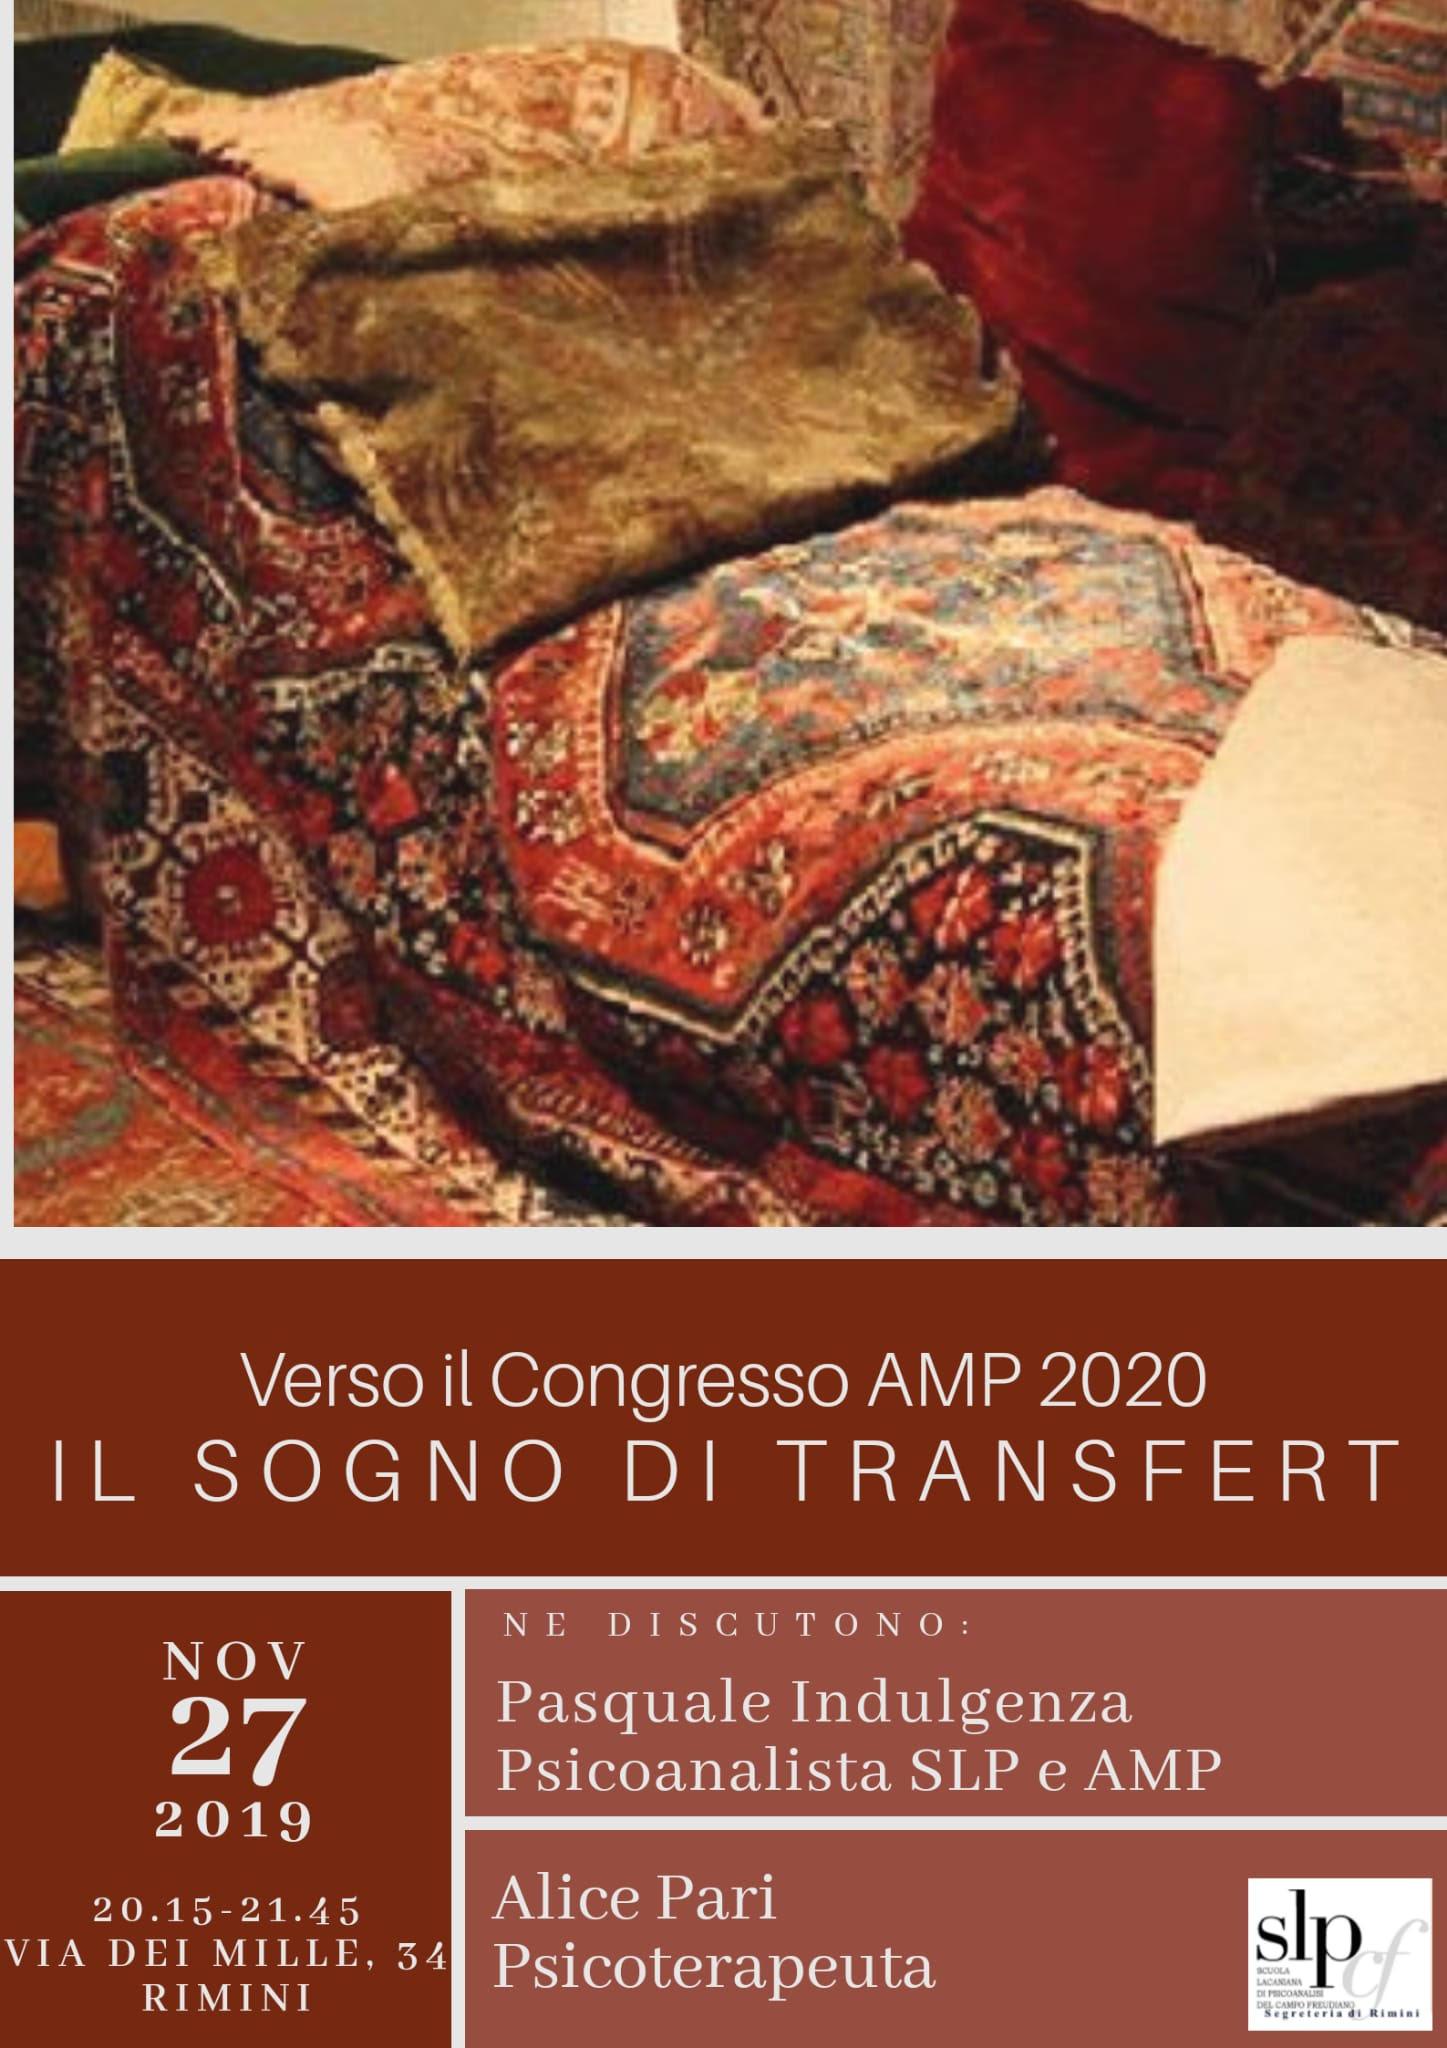 Verso il Congresso AMP 2020 - Il sogno di transfert